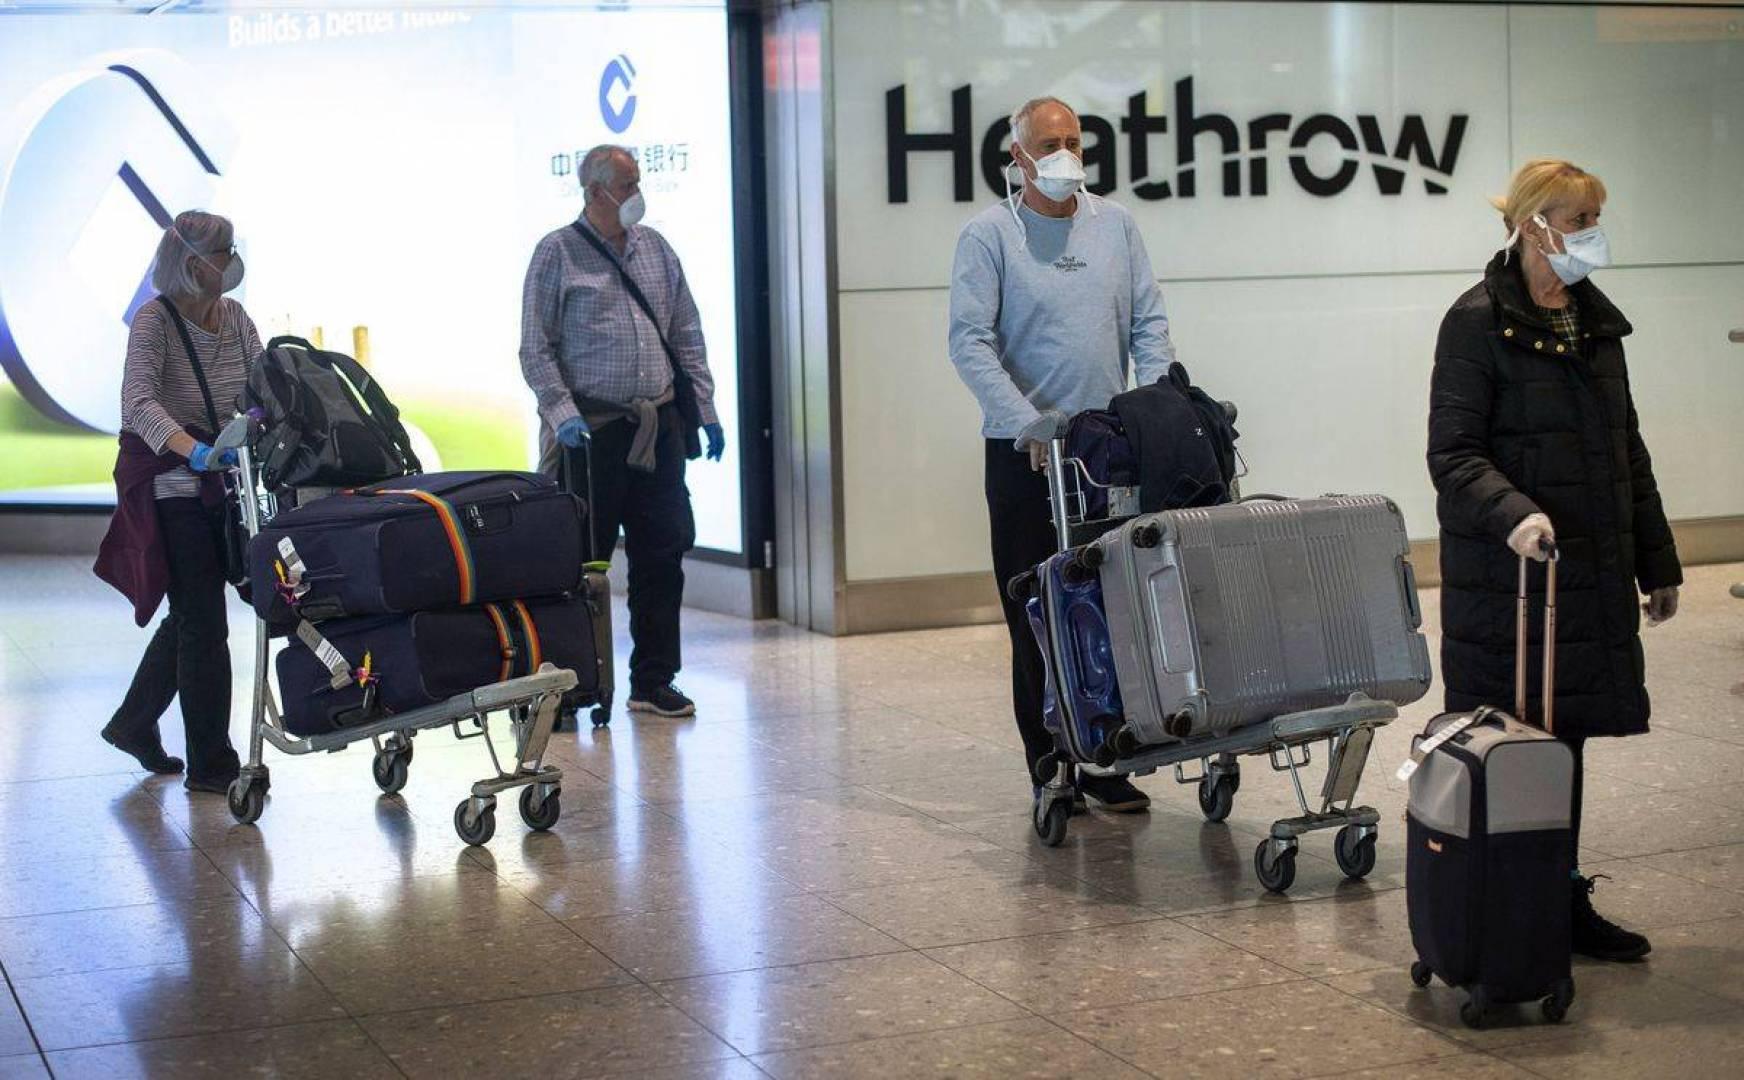 بريطانيا ستفرض حجراً صحياً لمدة 14 يوماً على المسافرين القادمين من الخارج